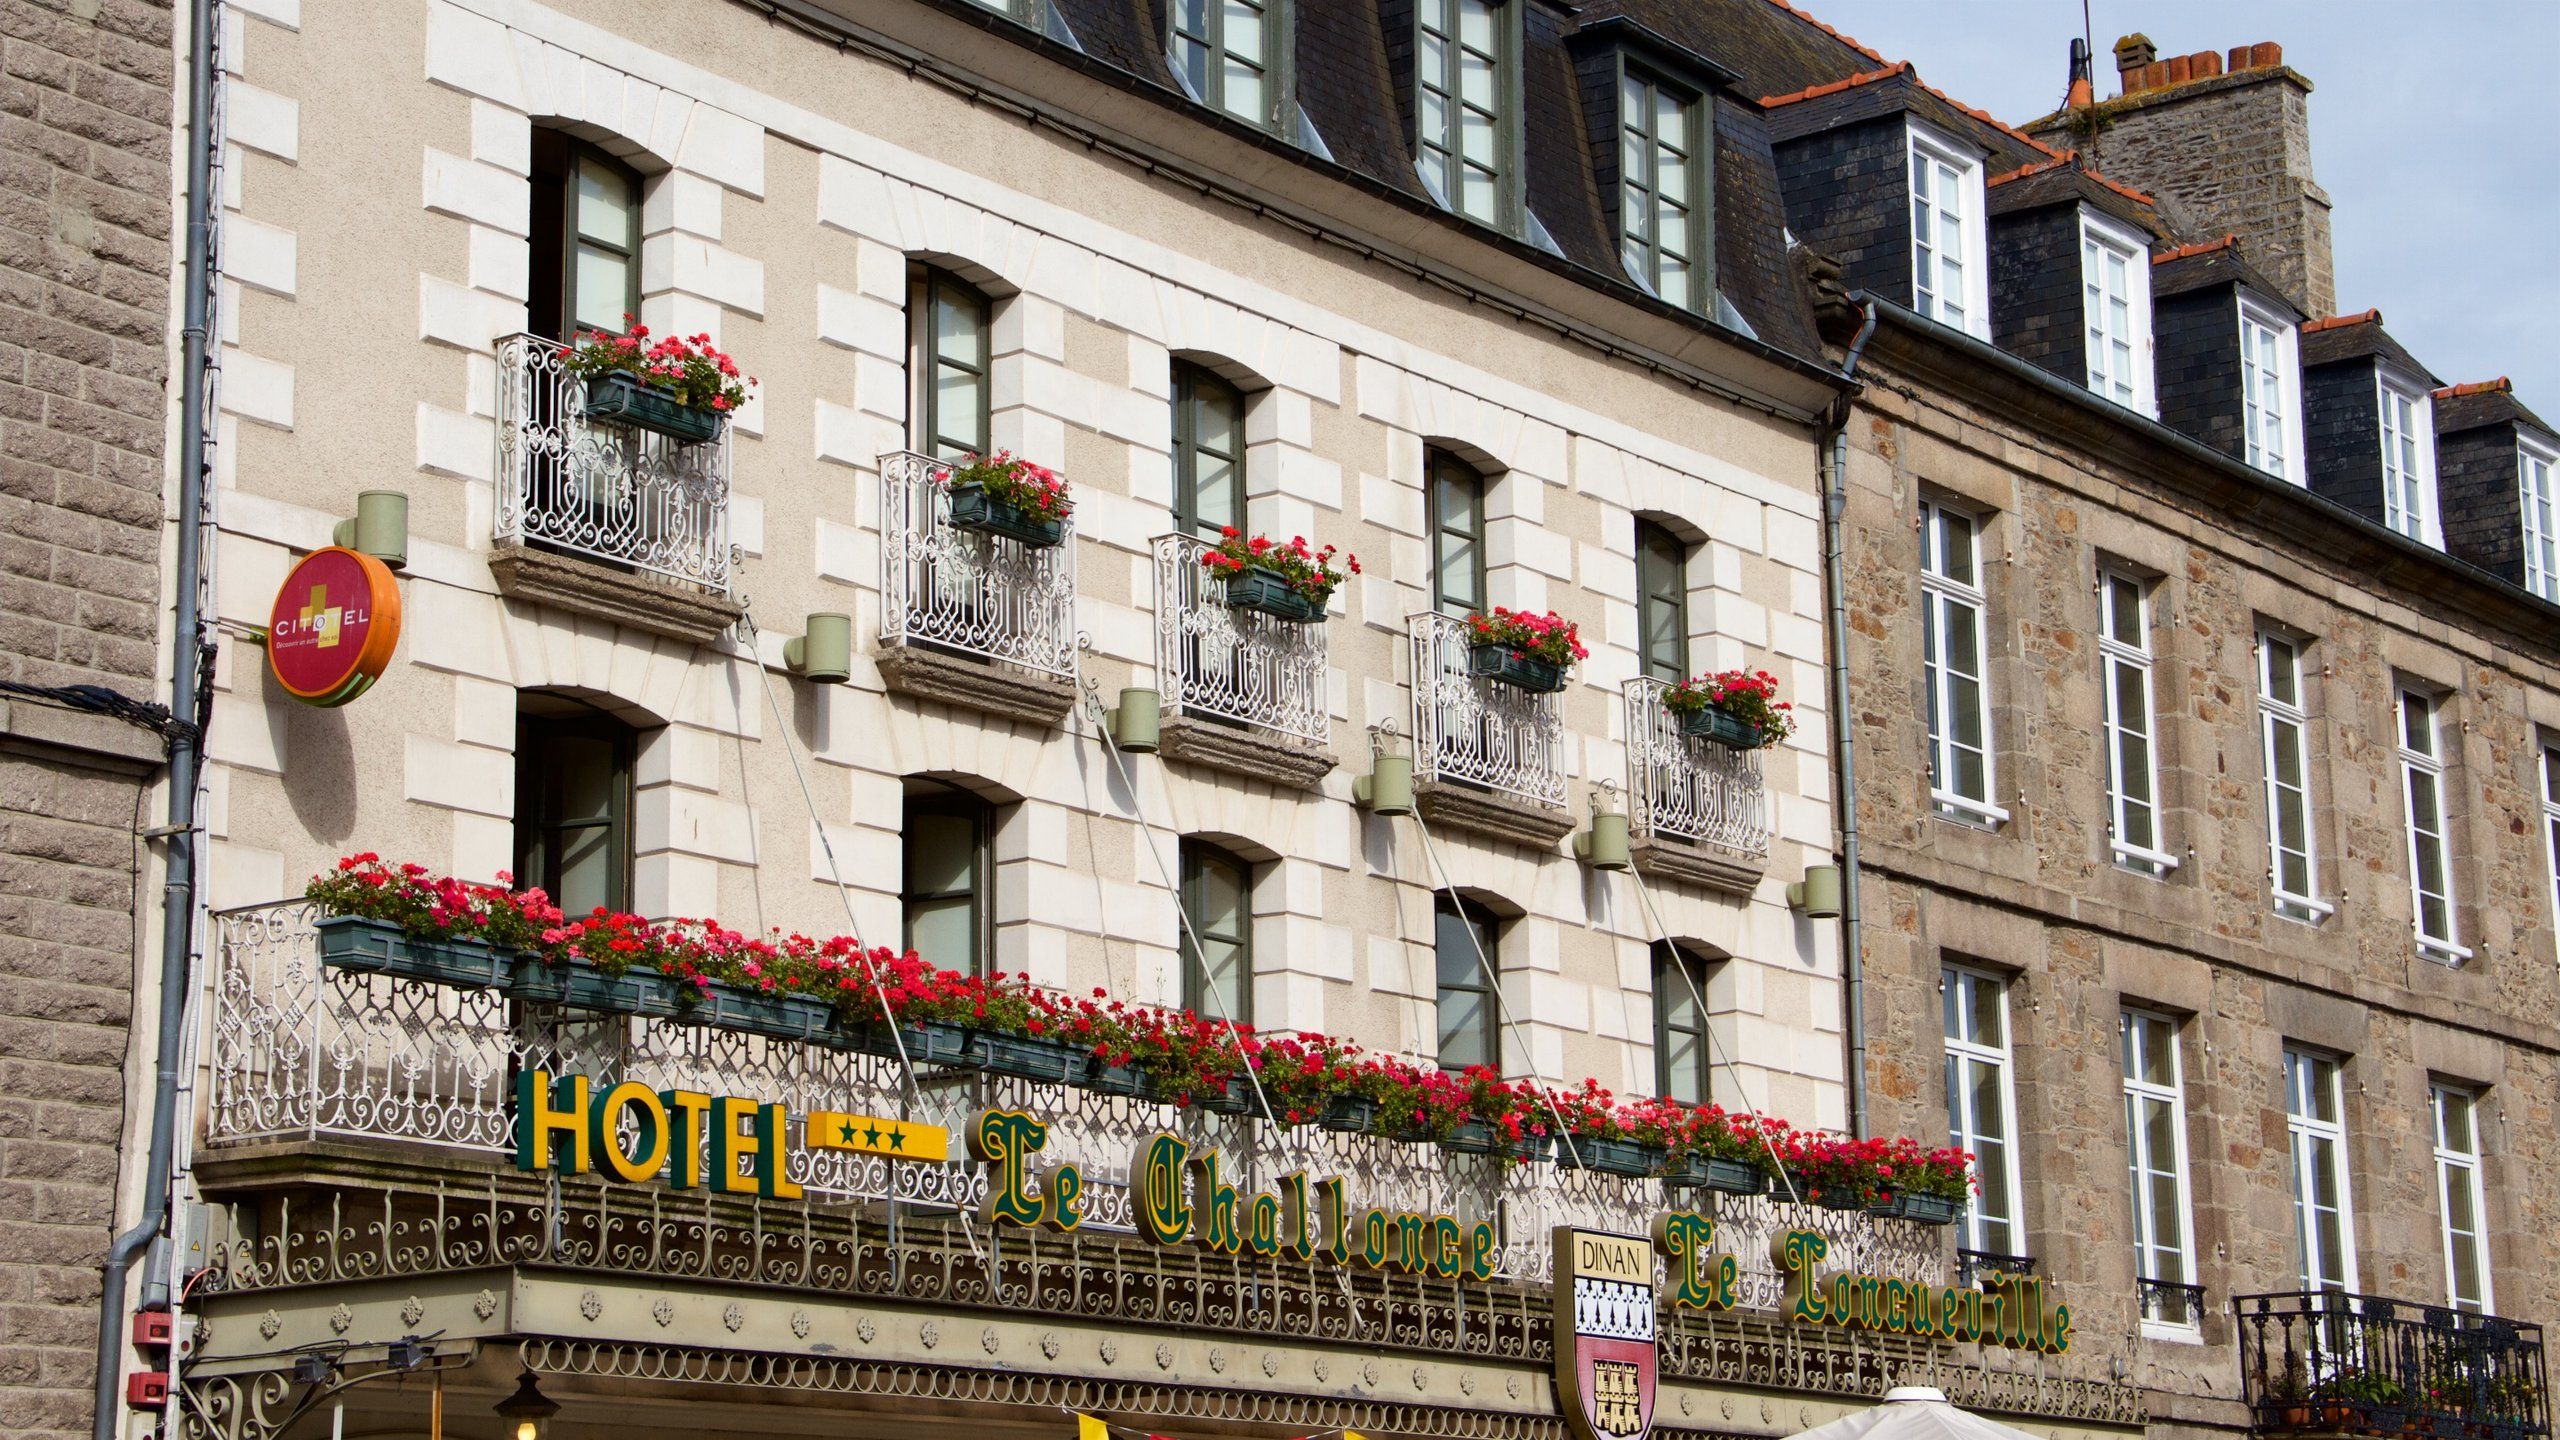 Dinan Agglomération, Cotes d'Armor, France